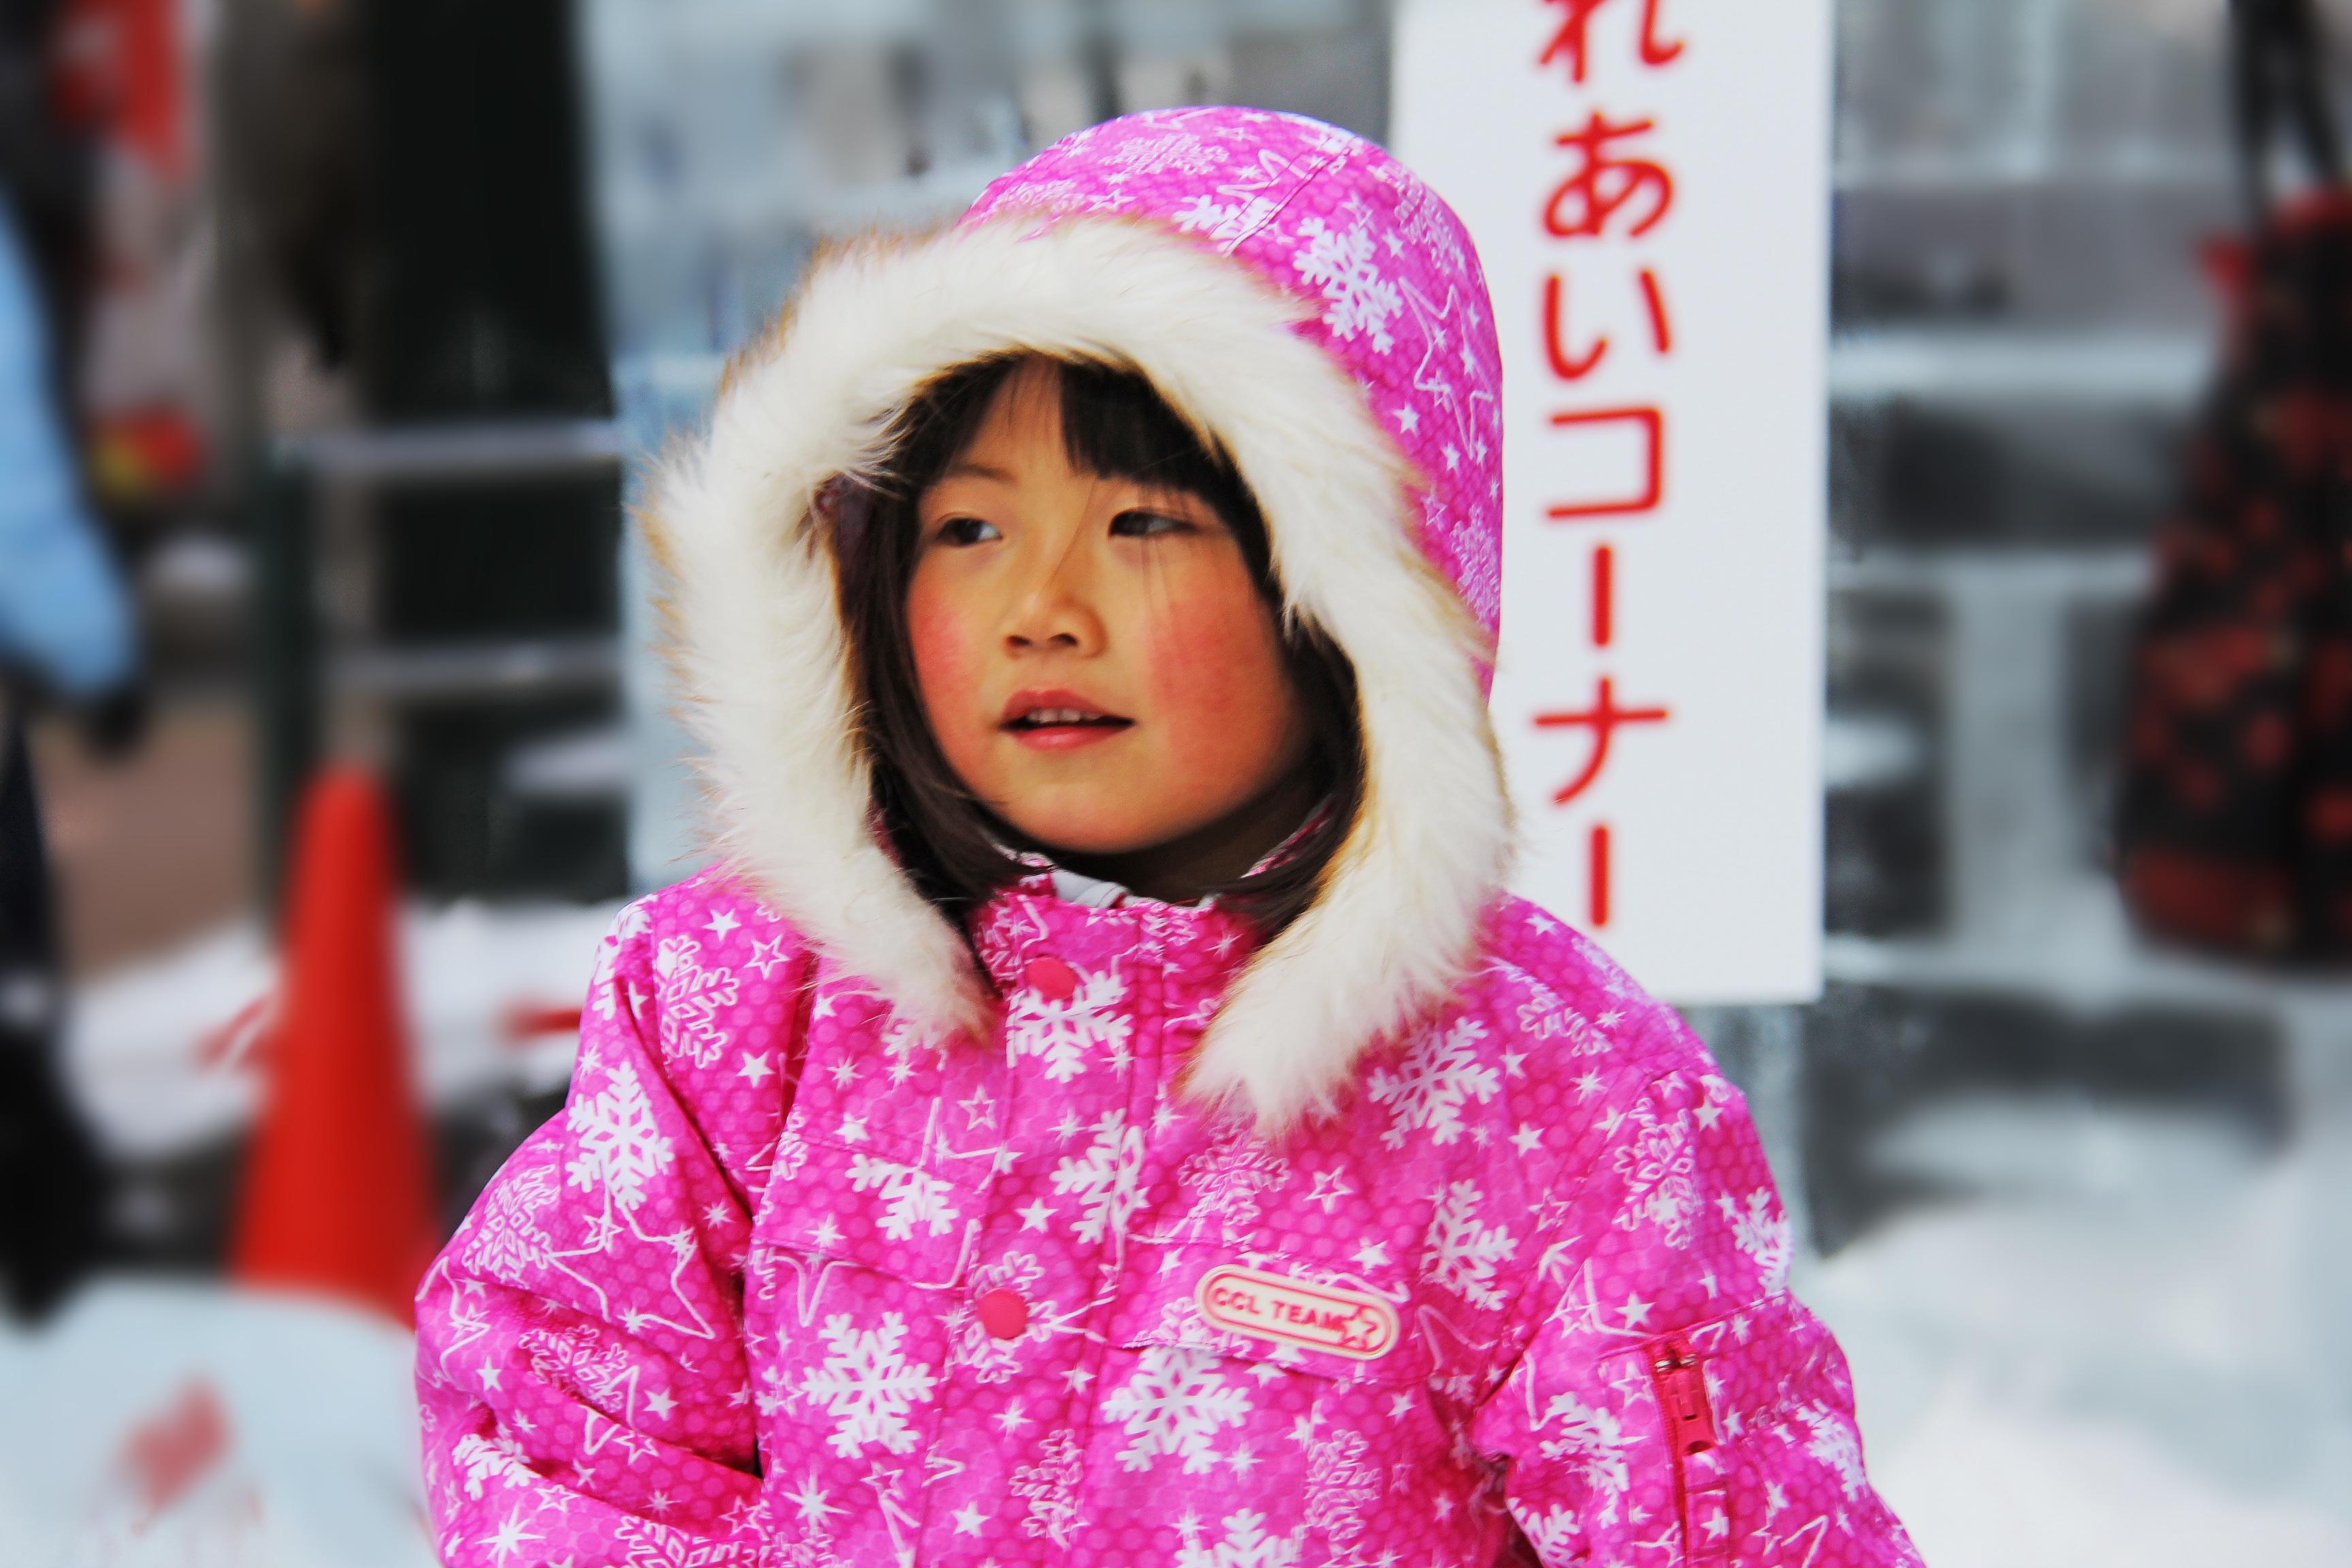 Fotos gratis : nieve, frío, invierno, niña, blanco, dulce, niño ...